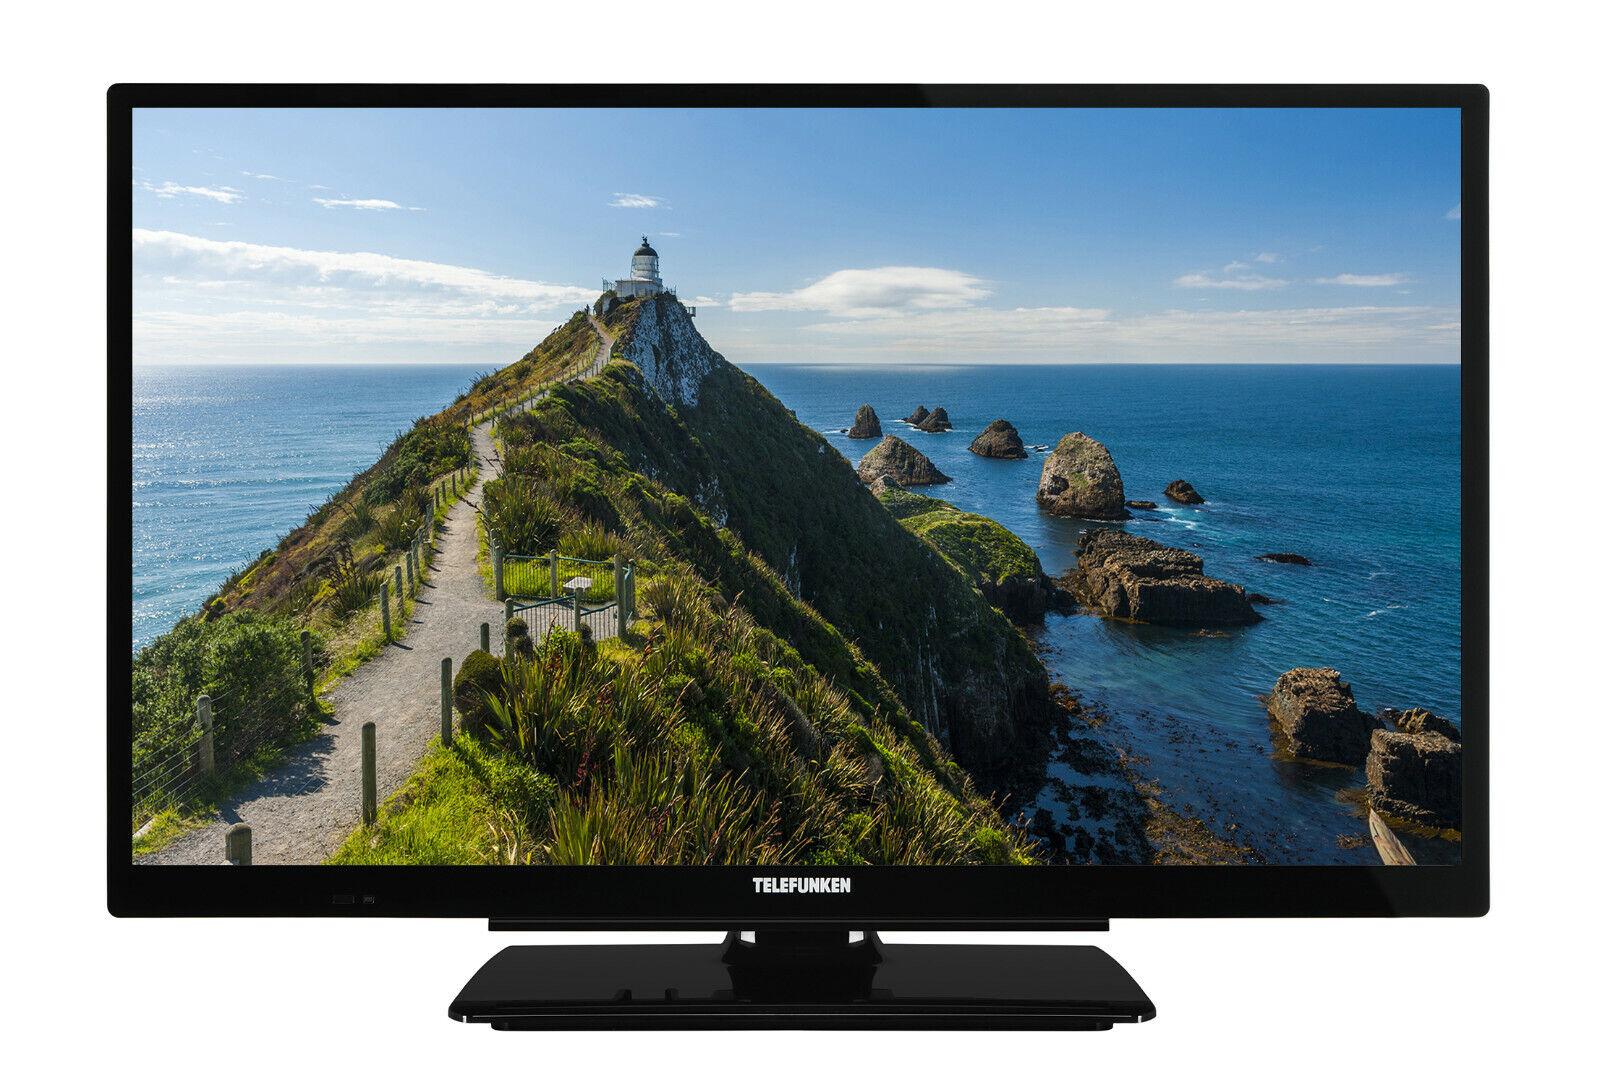 Telefunken XF22G101 Fernseher 22 Zoll Full HD TV Triple-Tuner DVB-C/-T2/-S2